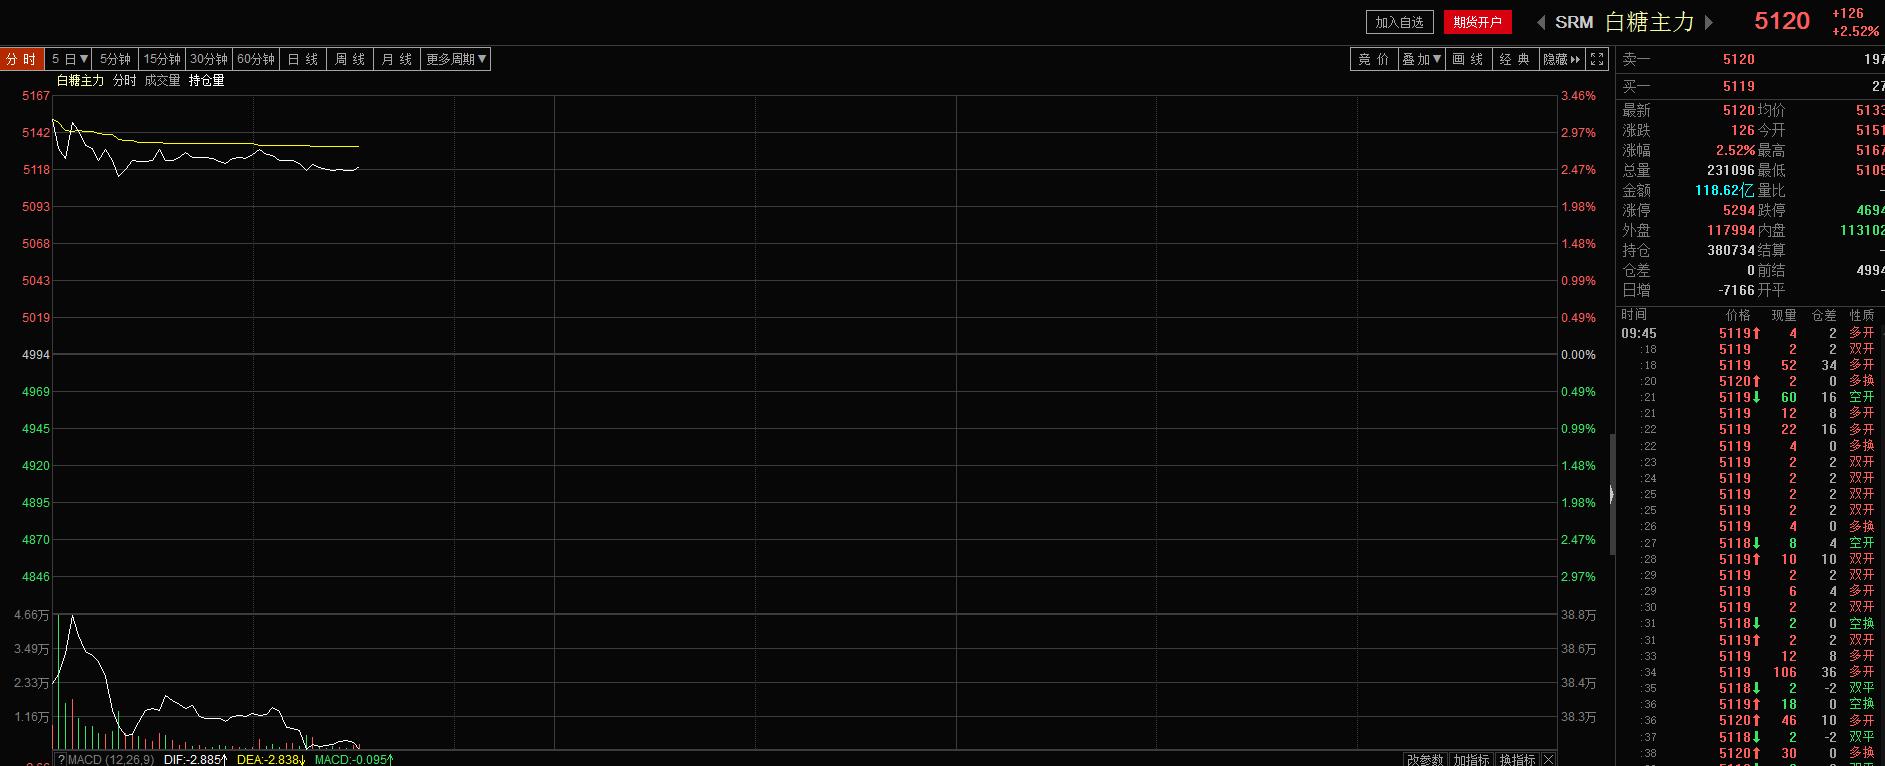 焦煤主力开盘涨2.66%,成交金额超38亿。焦煤主力大涨2.54%。动力煤涨2.14%,成交额达84亿。螺纹钢跌幅近3%。